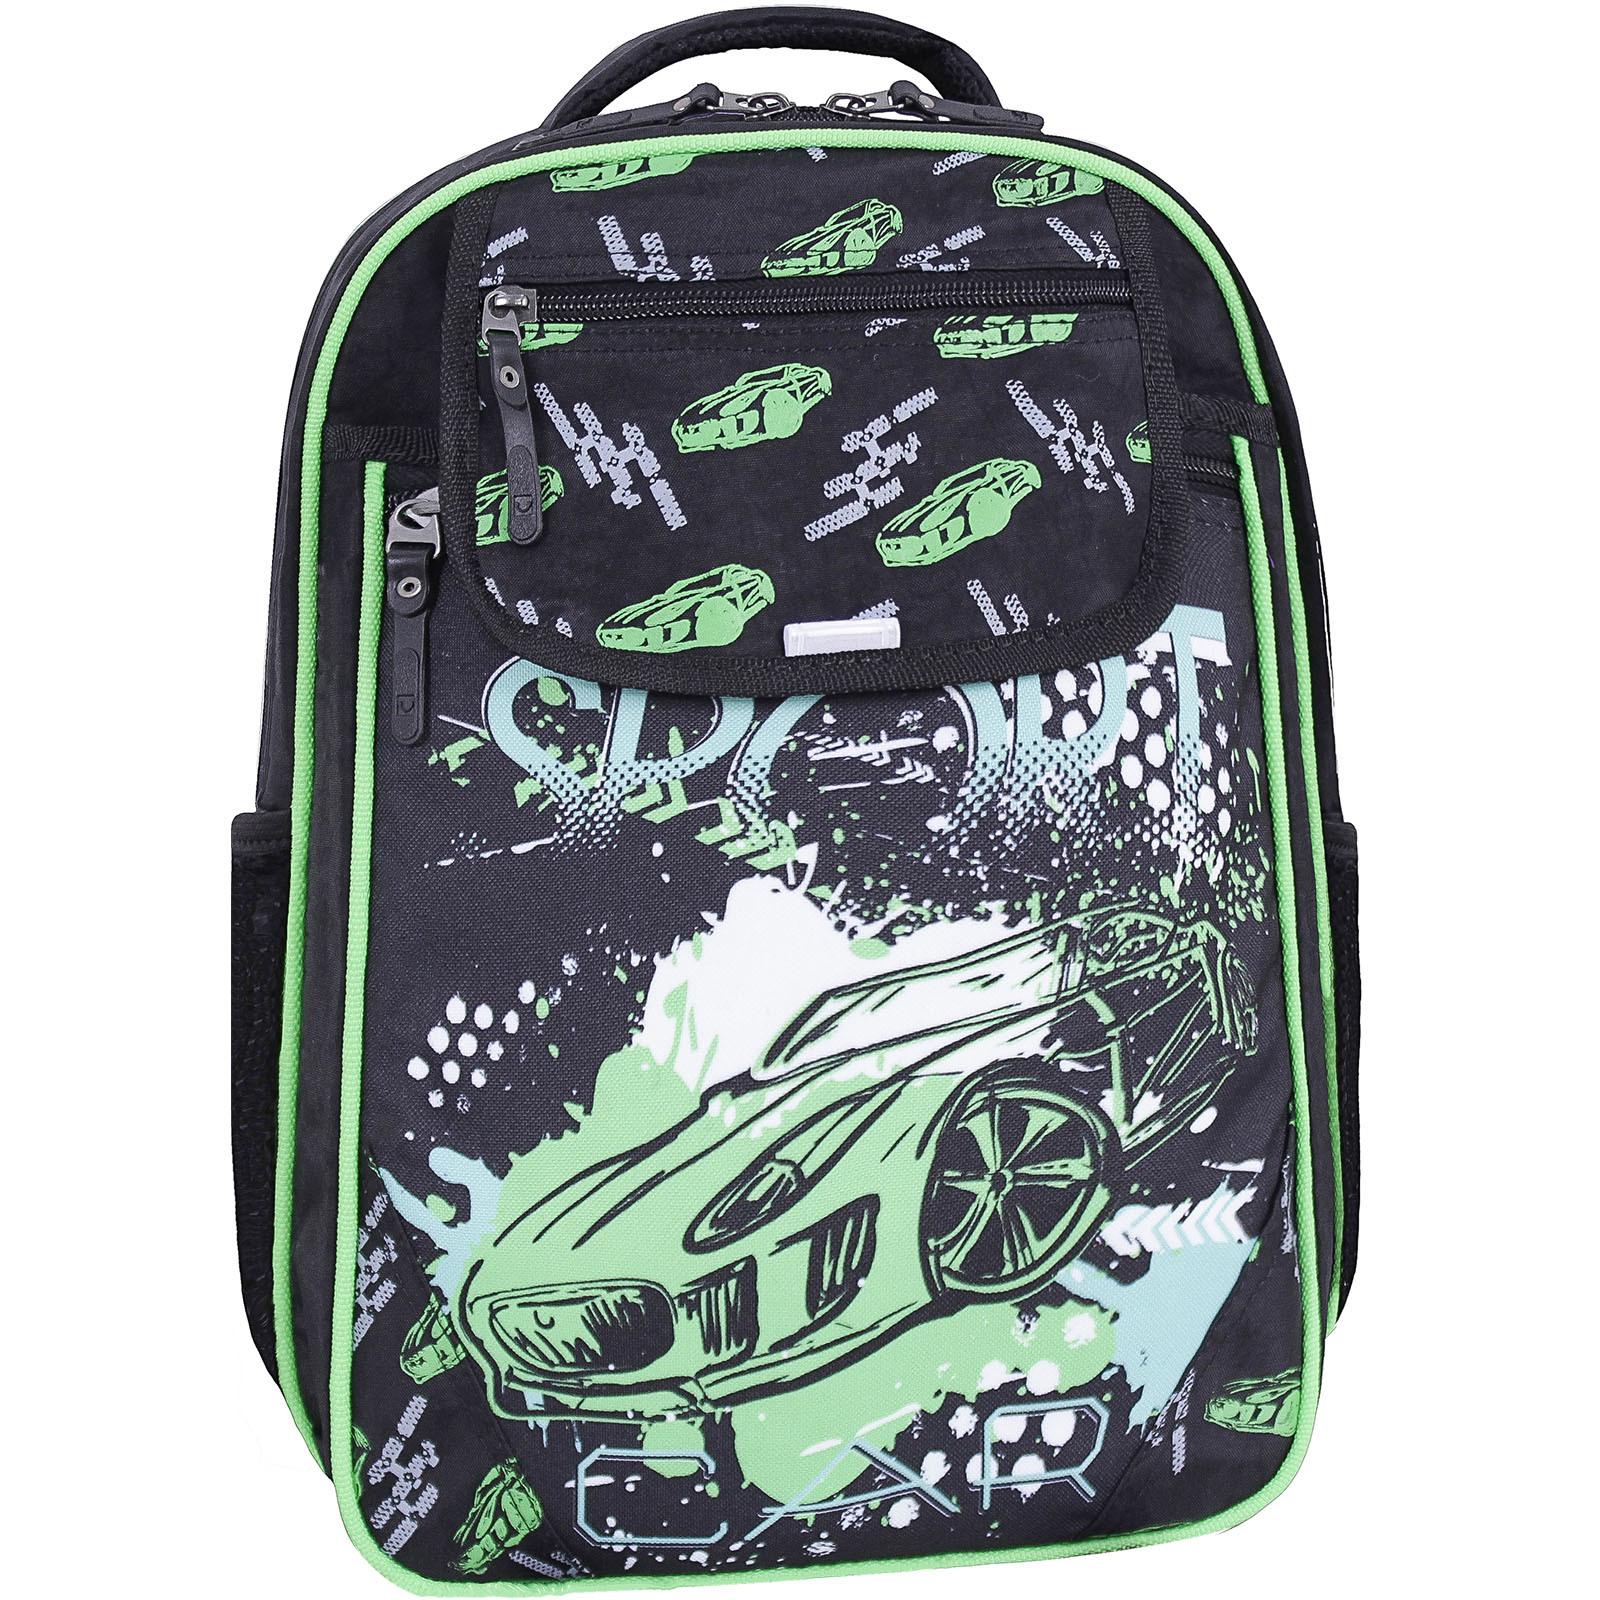 Школьные рюкзаки Рюкзак школьный Bagland Отличник 20 л. черный 670 (0058070) IMG_2844_1_1600.jpg